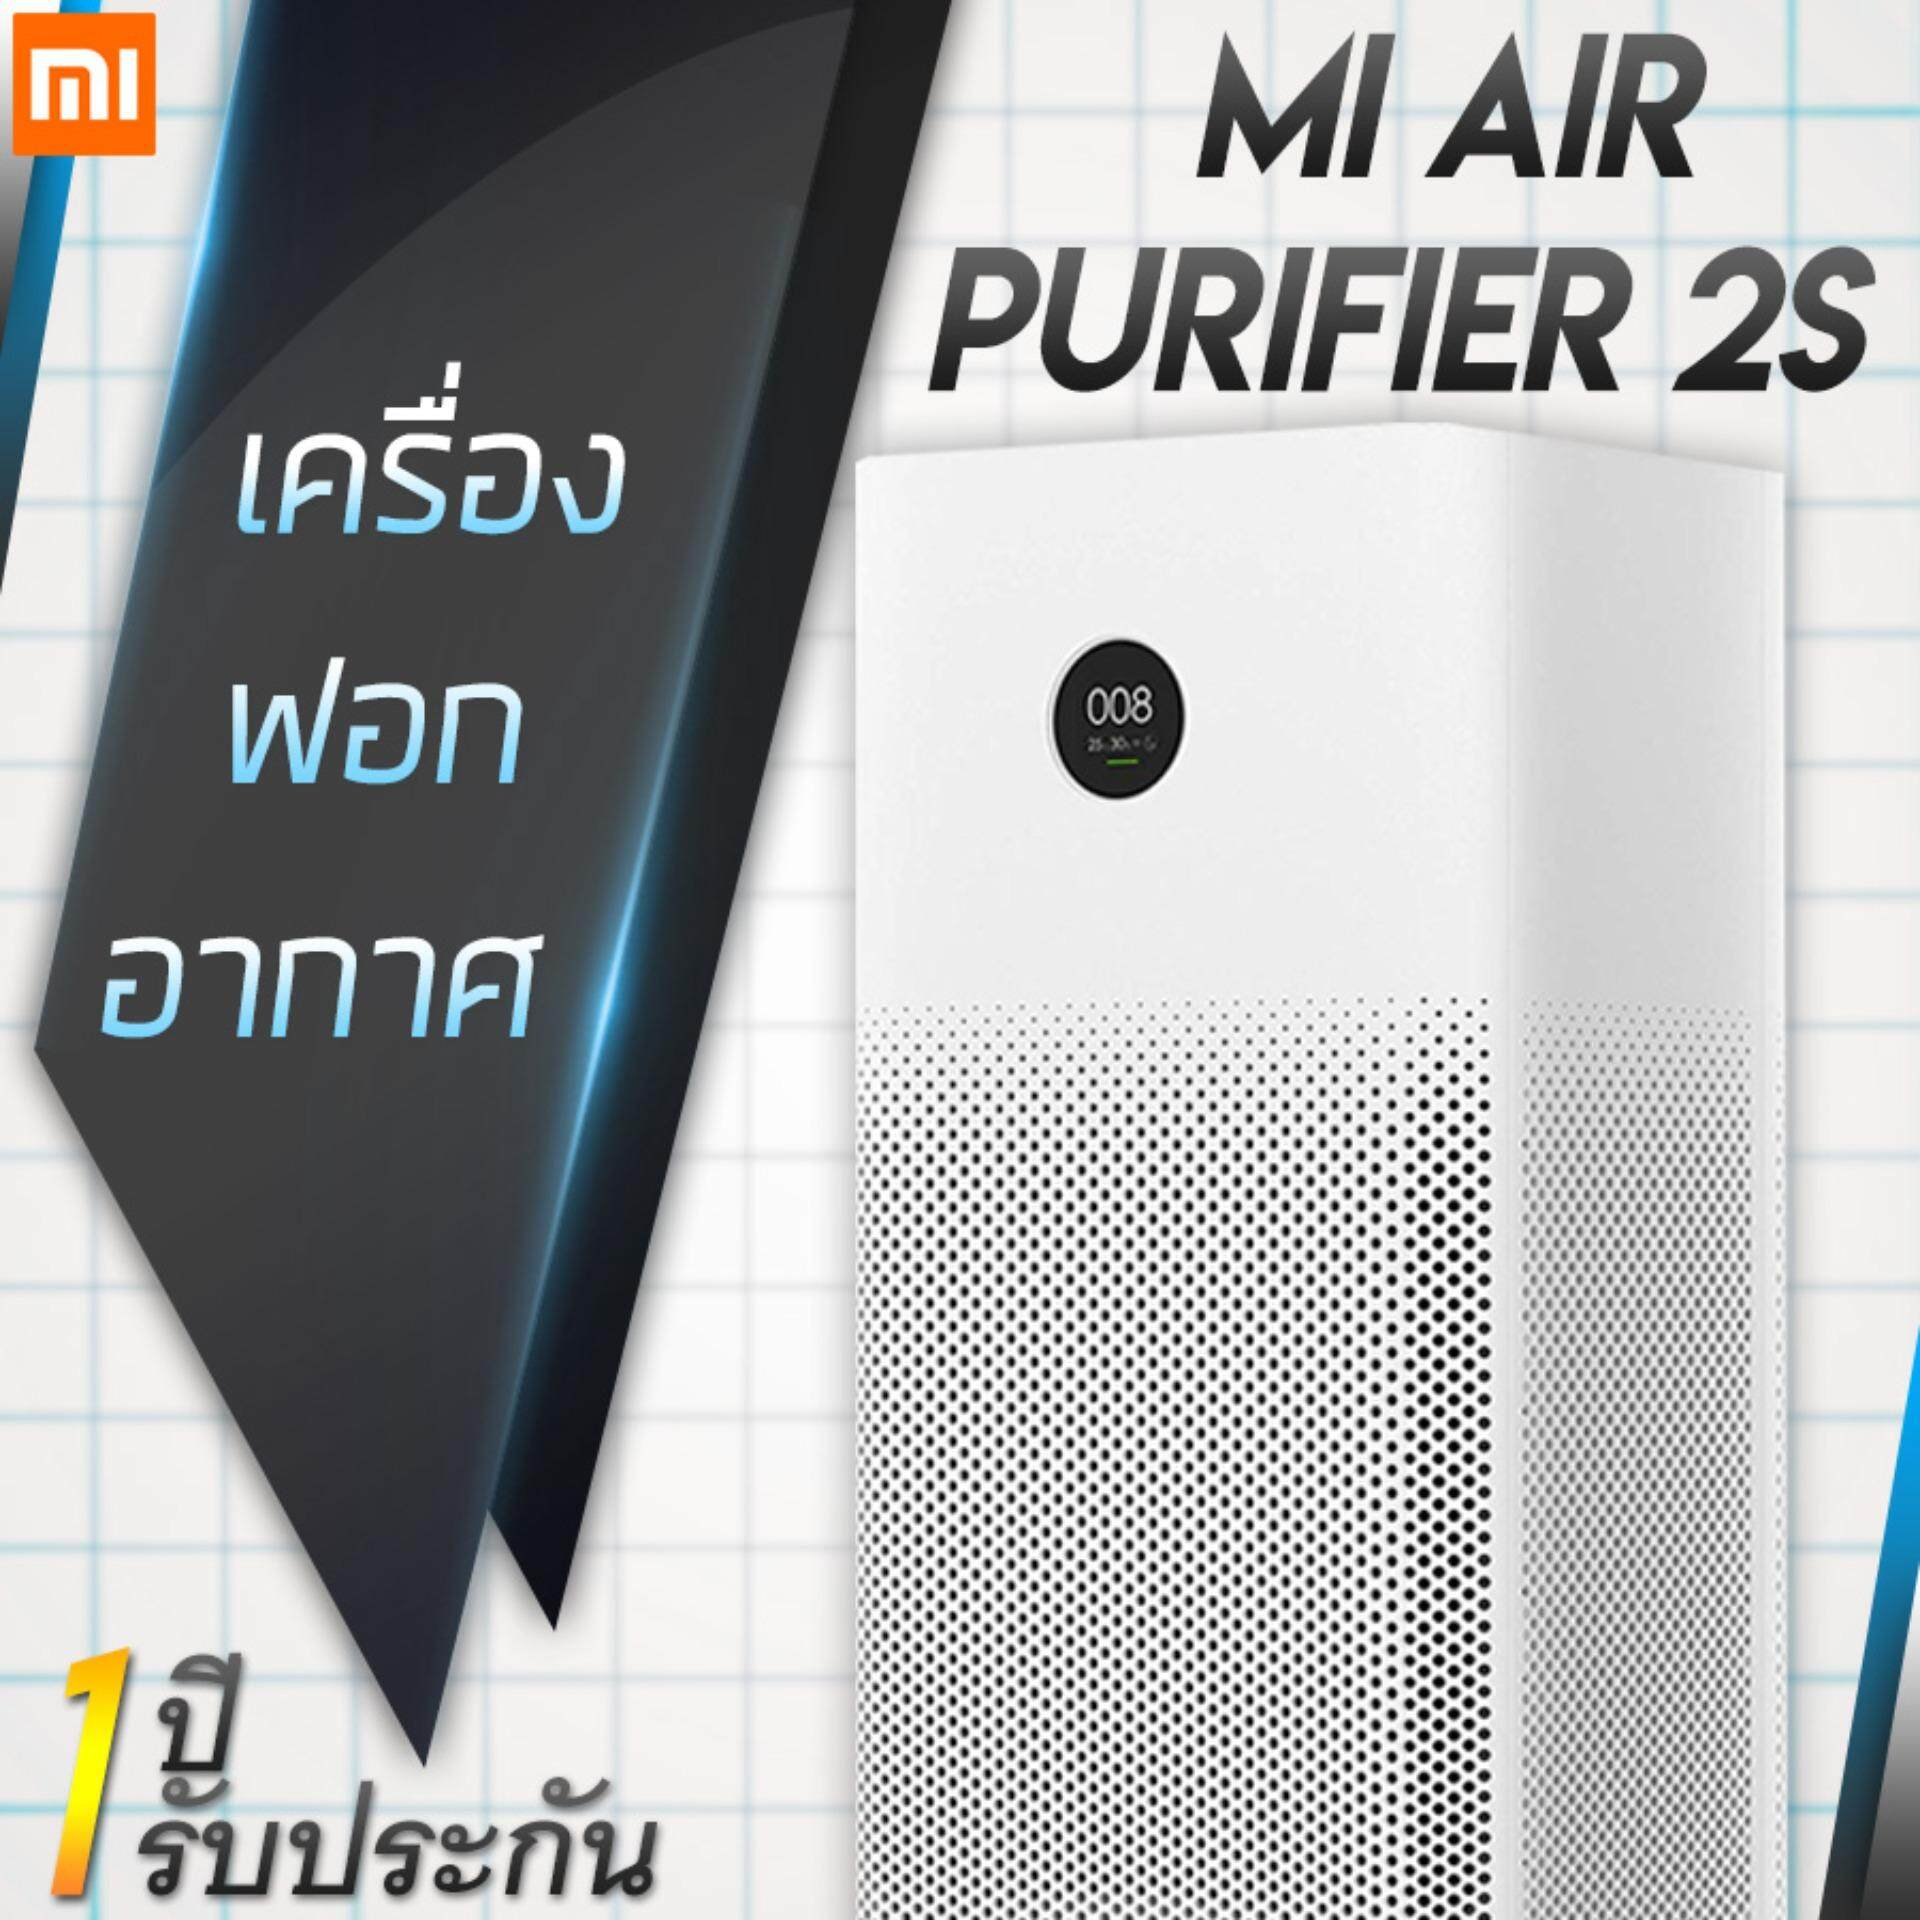 ⚡xiaomi Mi Air Purifier 2s⚡ เครื่องฟอกอากาศ กรองฝุ่น Pm 2.5 สามารถทำงานผ่านแอพพลิเคชั่นในโทรศัพท์มือถือ [รับประกัน 1 ปี] By Ocean World.